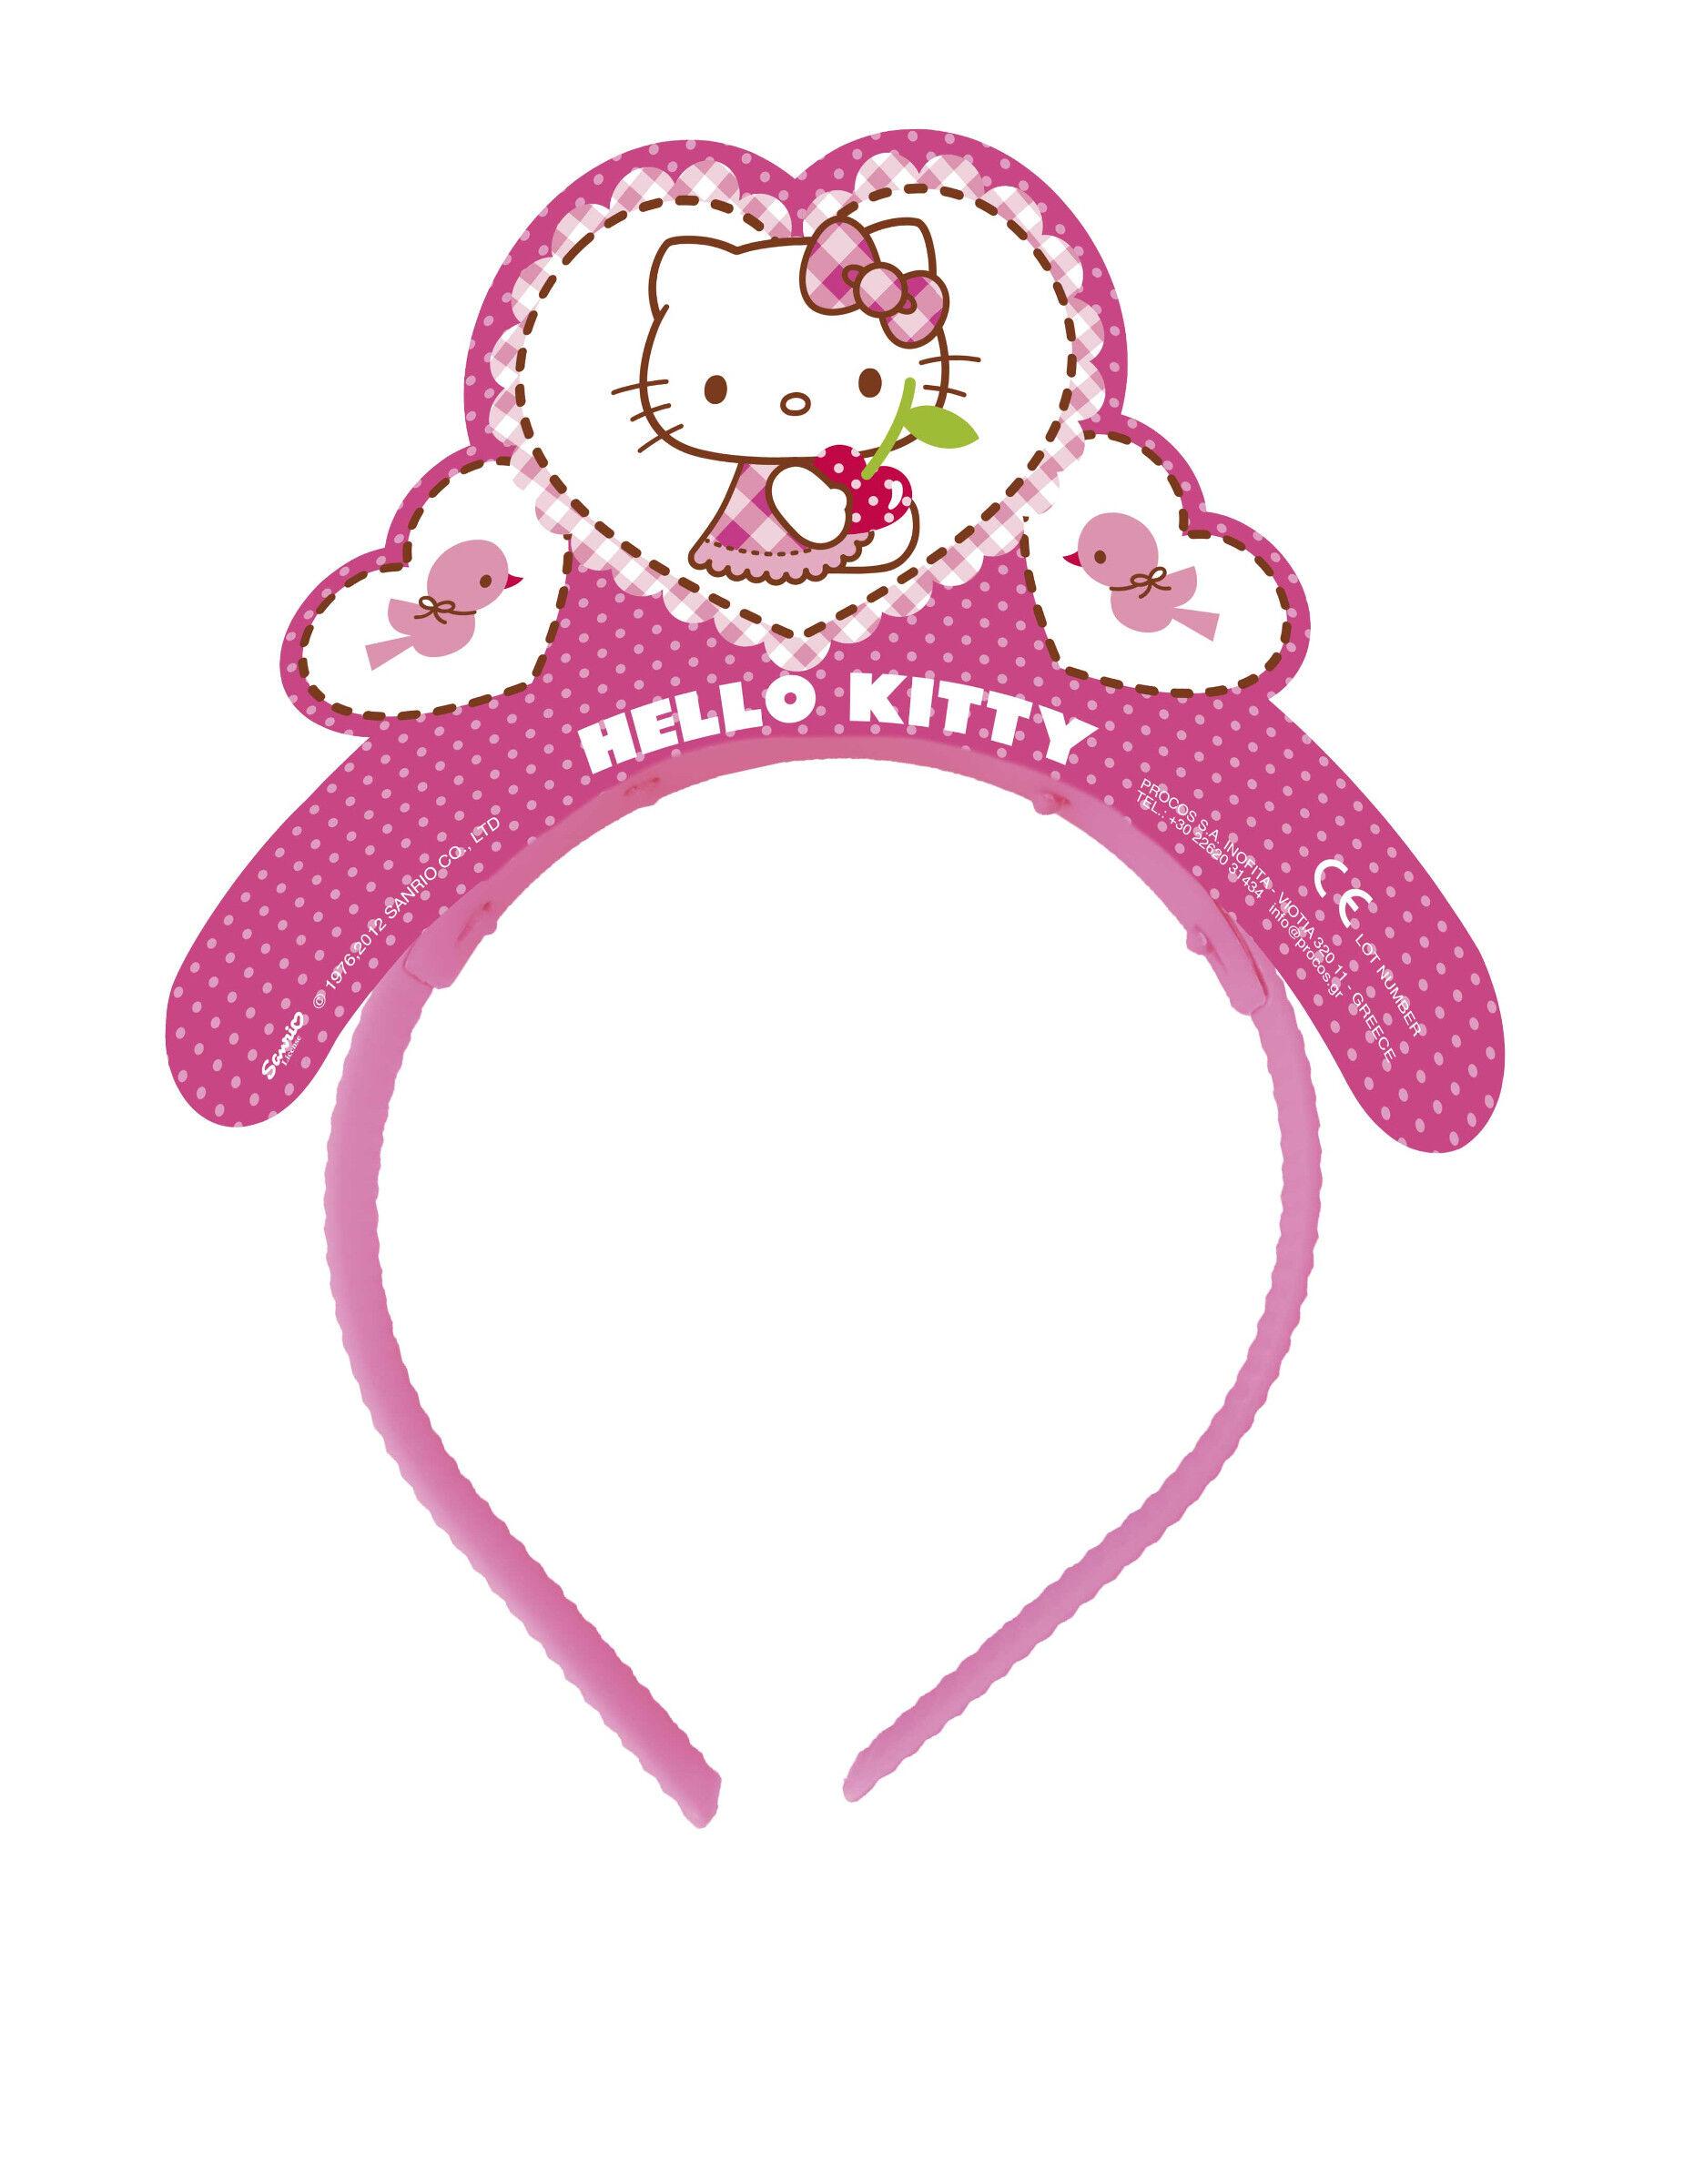 Deguisetoi 4 Tiares en carton Hello Kitty